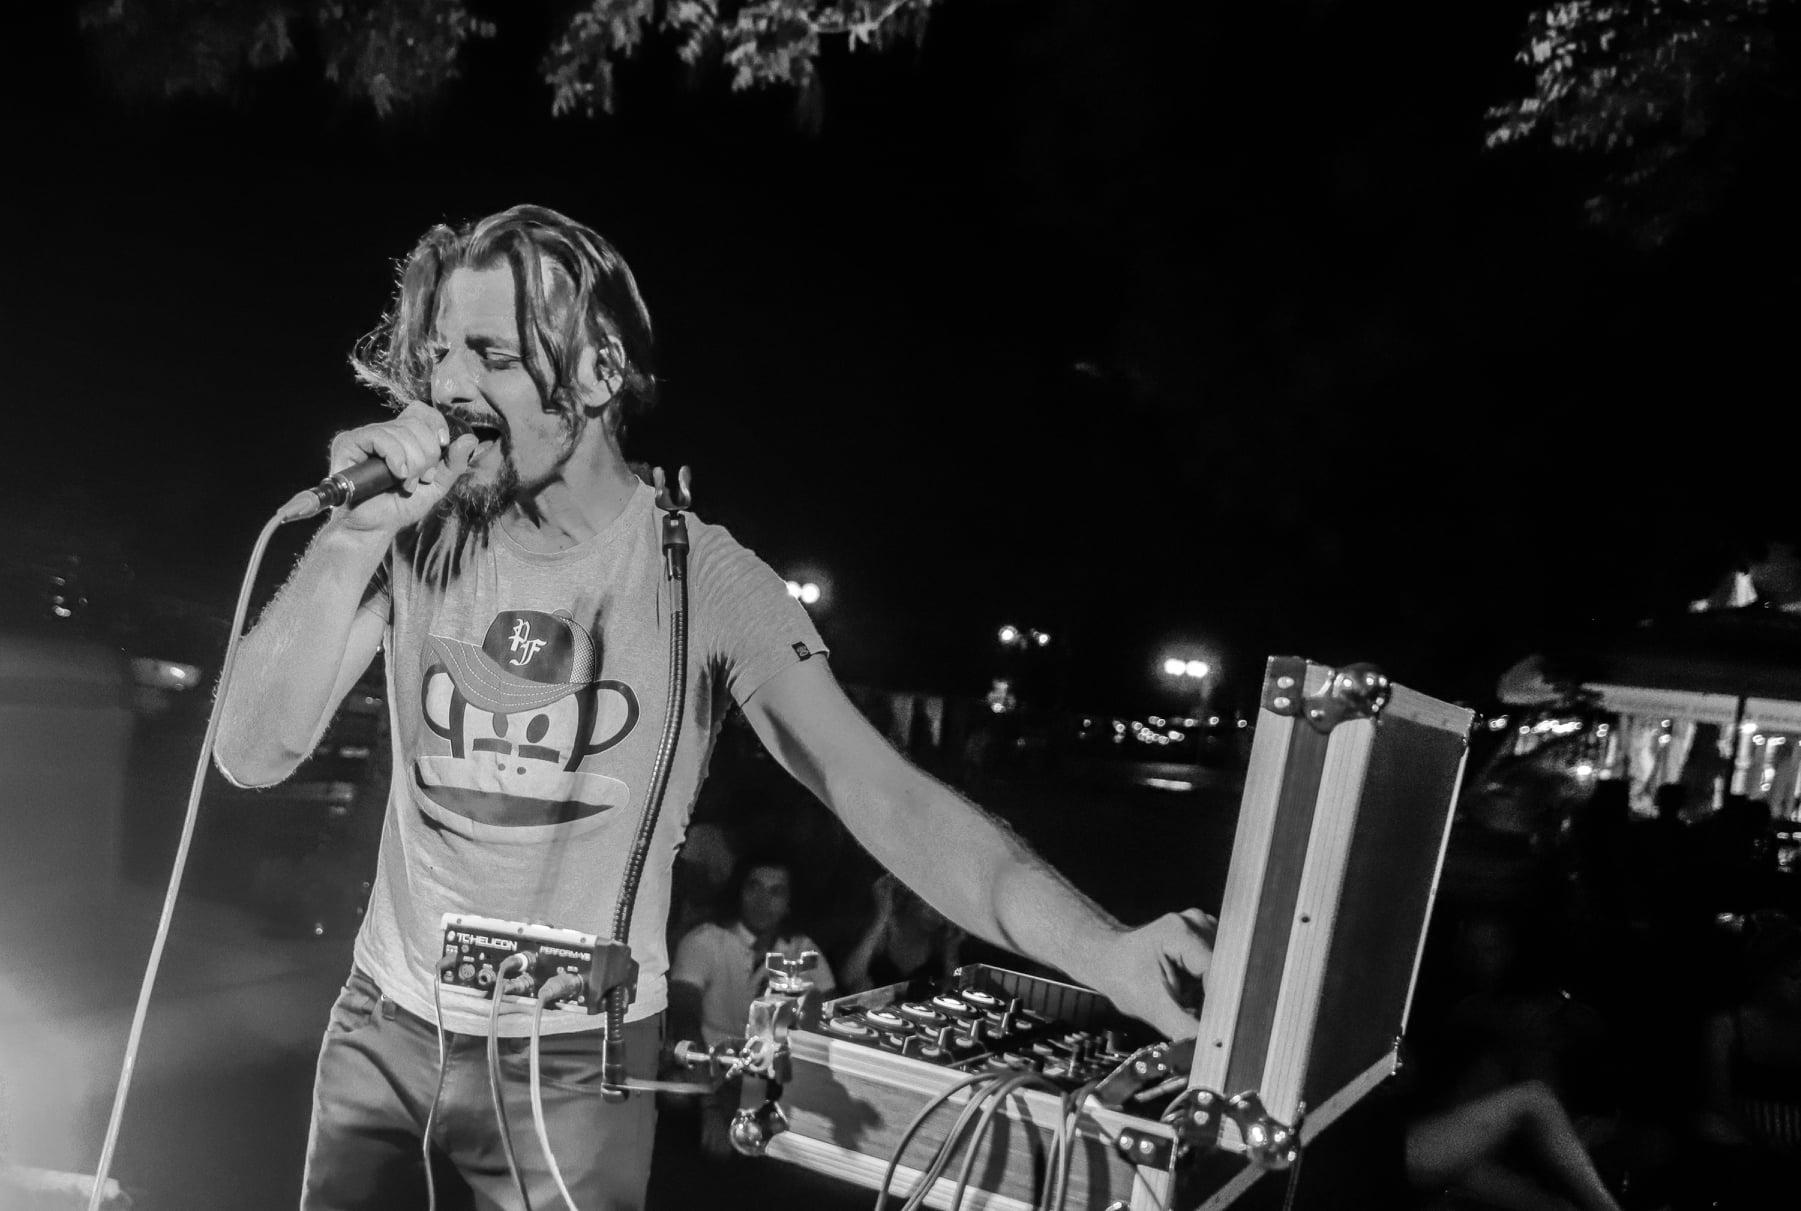 """Surka iz svoje beatbox manufakture izbacuje singl inspiriran klupskom scenom 90-ih """"Tražim put"""""""